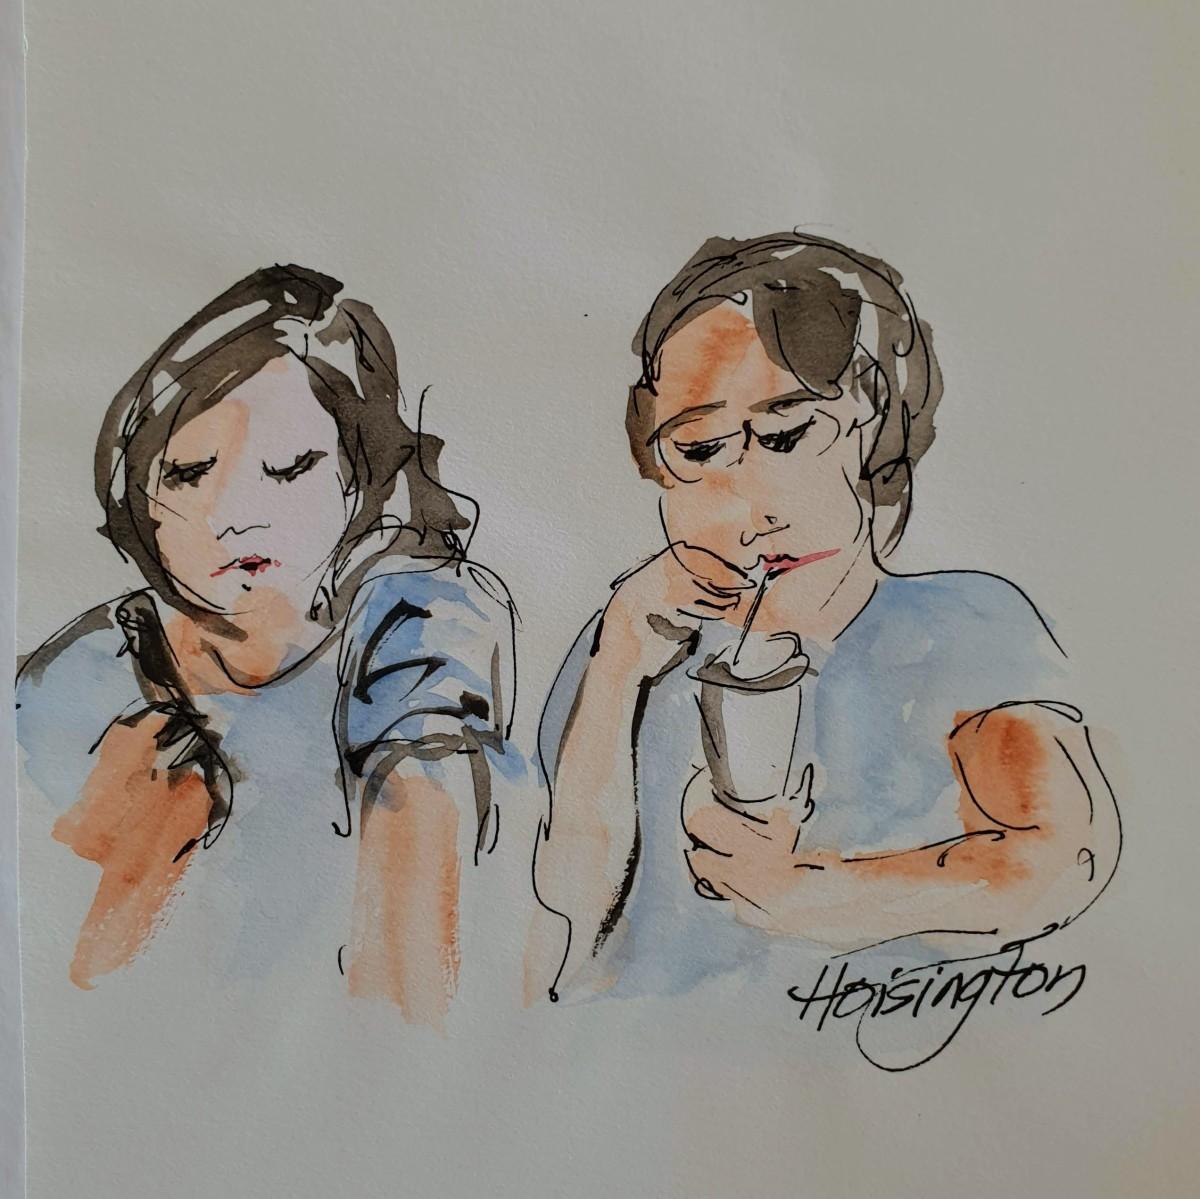 Brunching Pair by Kit Hoisington